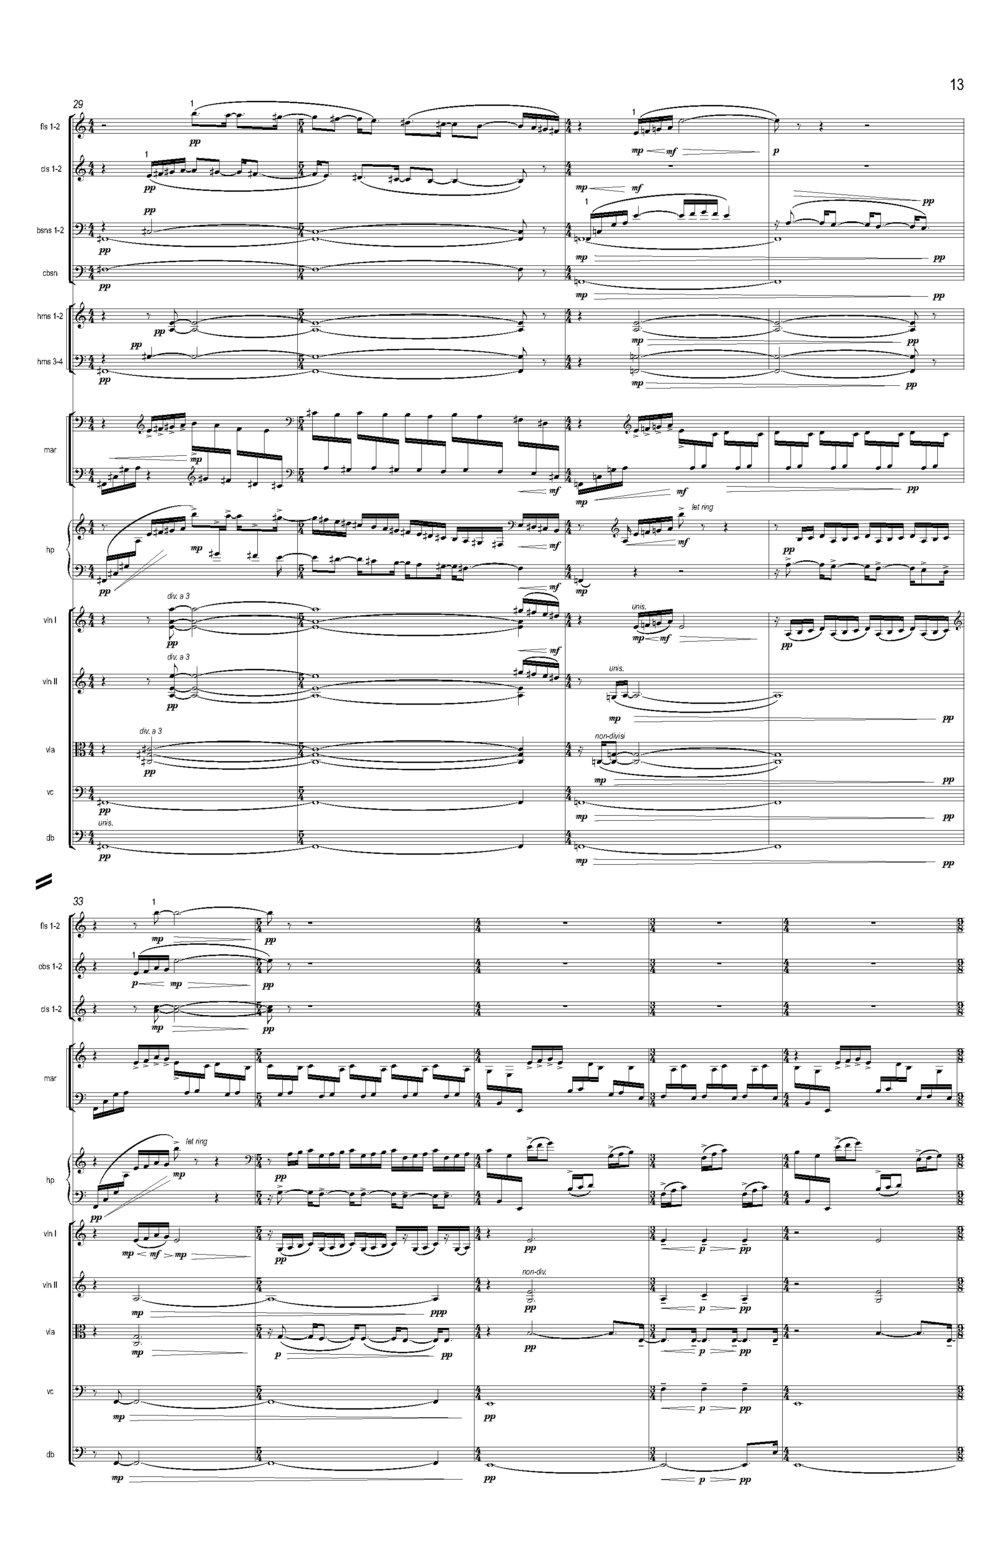 Ciach_Collective Uncommon REVISED_Full Score (Feb 2017)_Seite_19.jpg